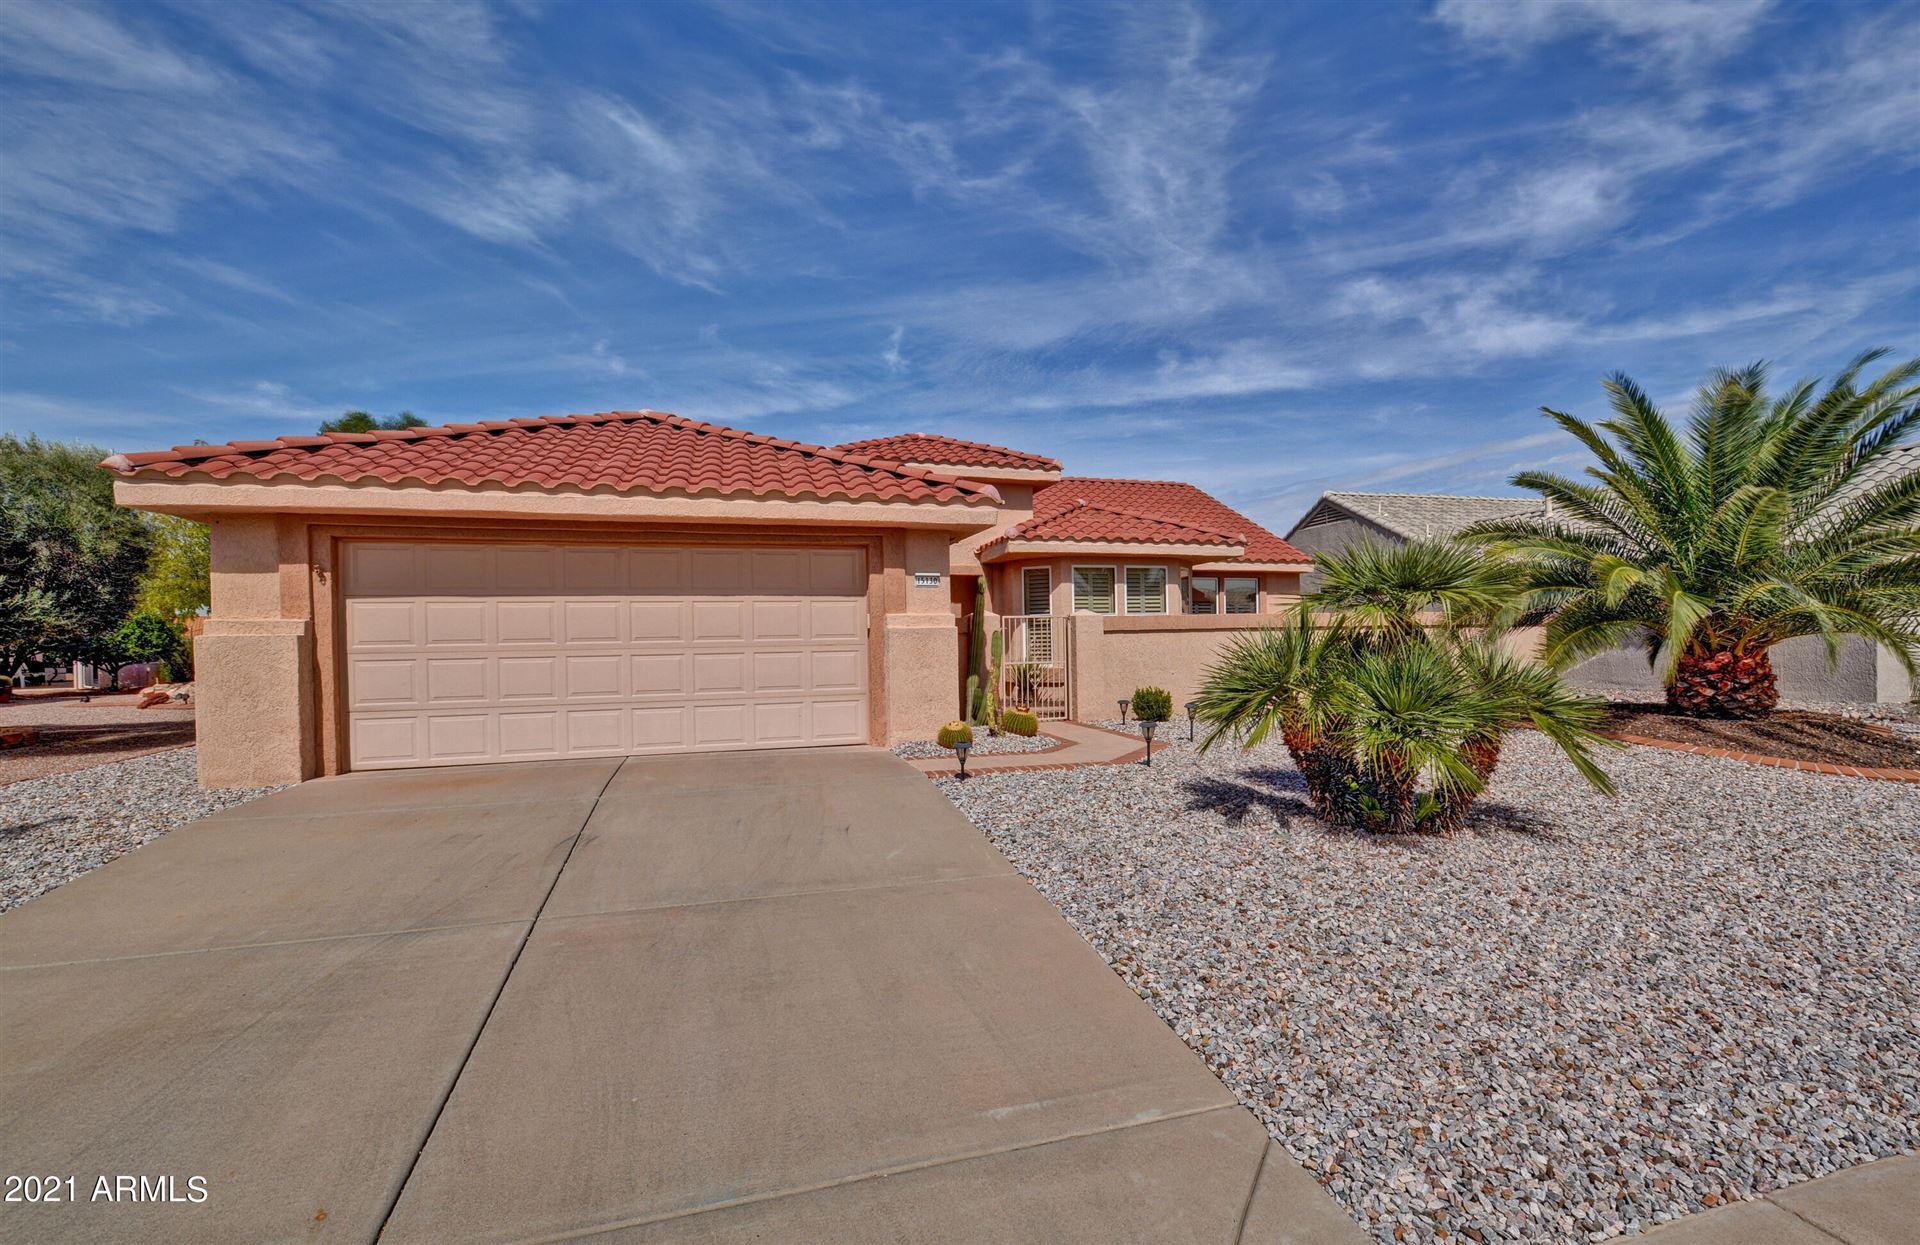 Photo of 15130 W GANADO Drive, Sun City West, AZ 85375 (MLS # 6306553)